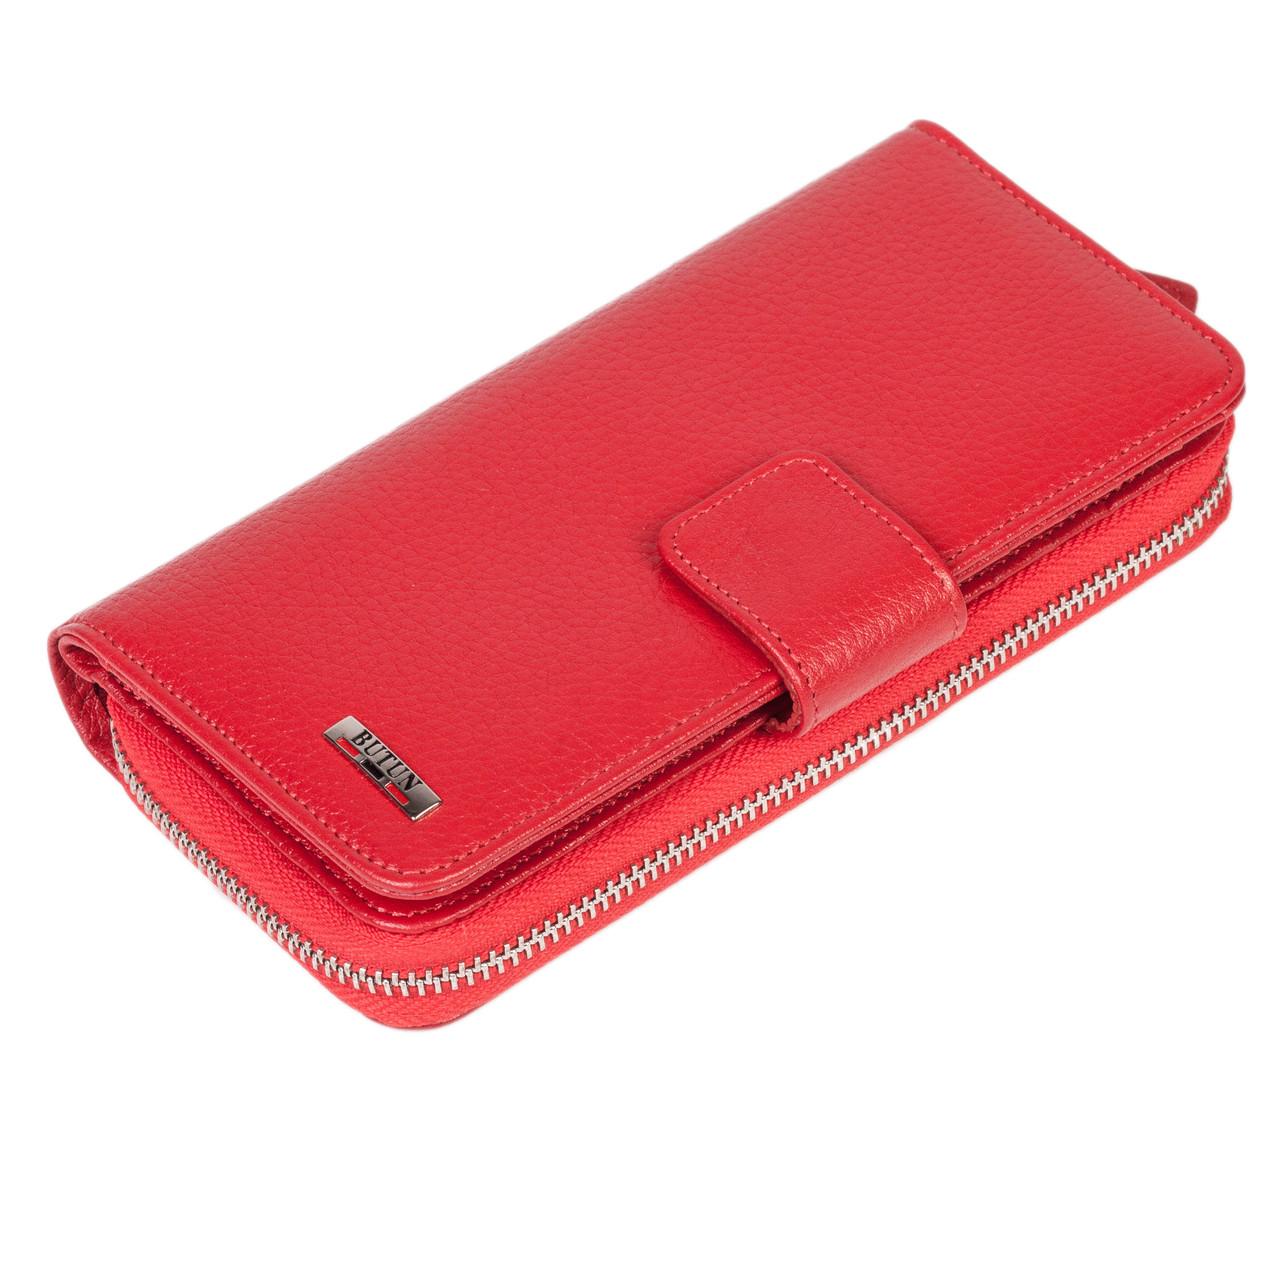 Женский кошелек Butun 636-004-006 кожаный красный